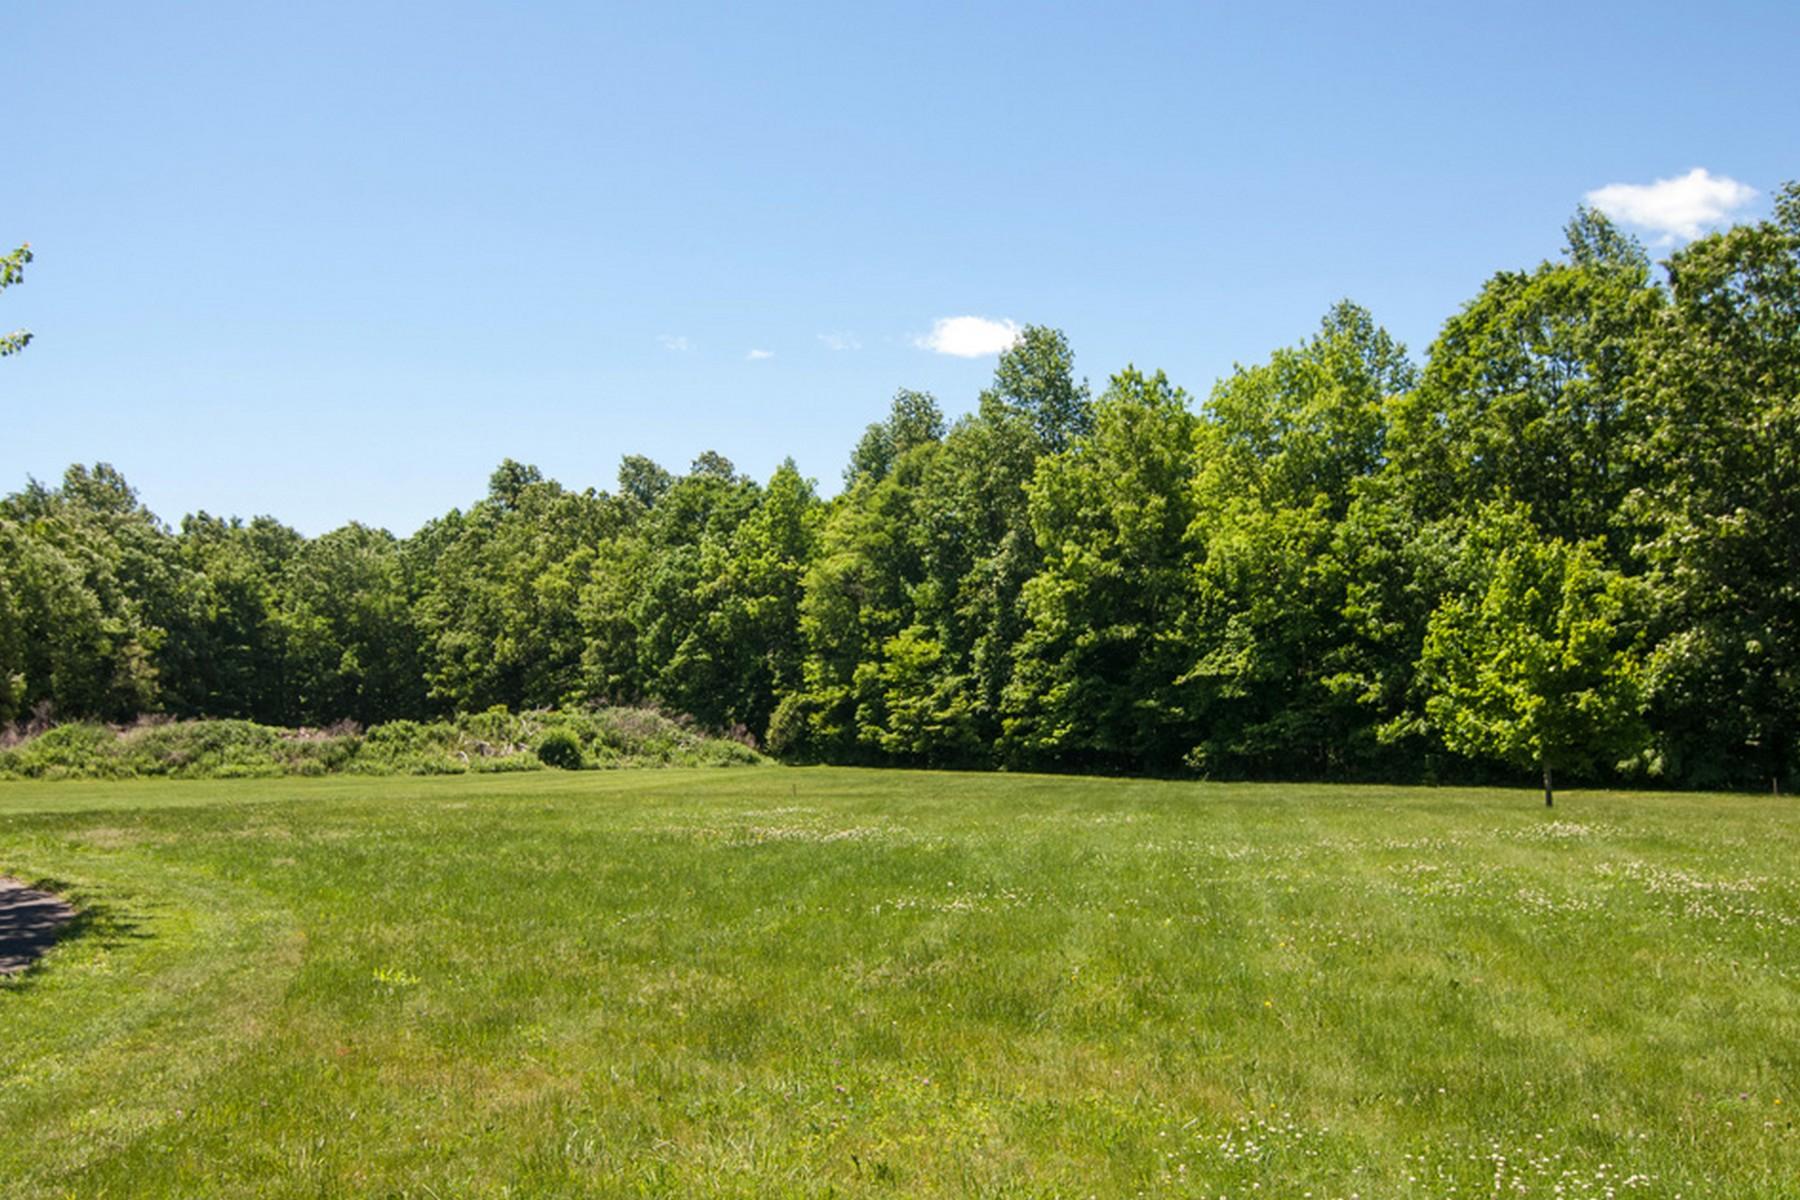 Đất đai vì Bán tại 0 Parker Hill Rd Killingworth, Connecticut, 06419 Hoa Kỳ